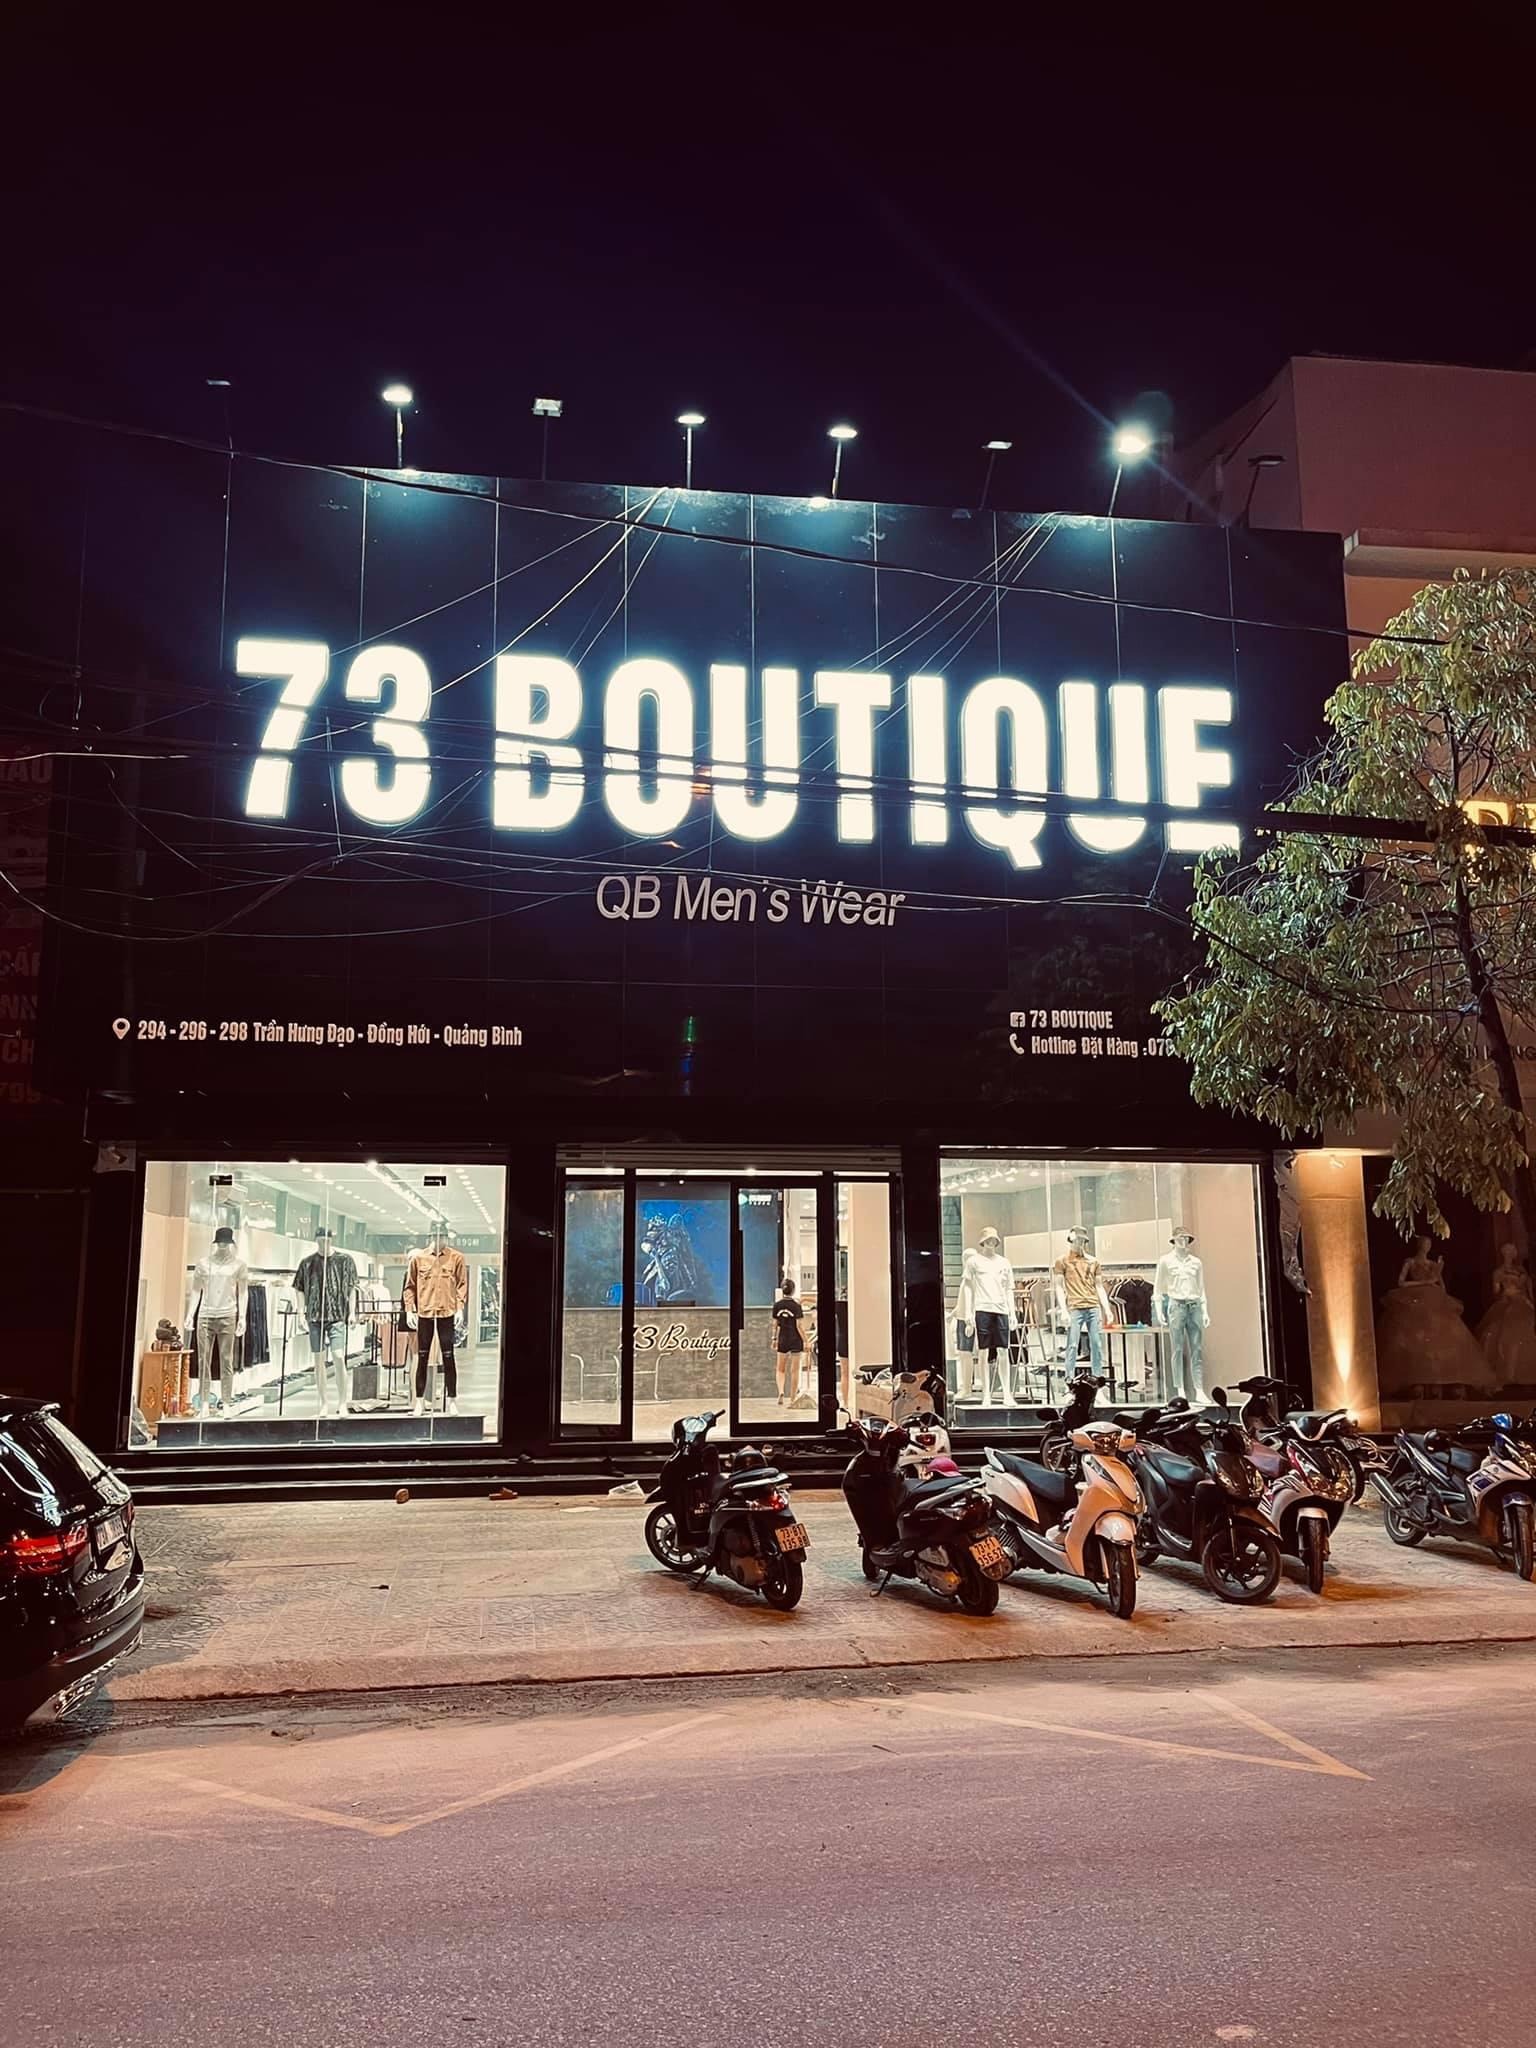 73 Boutique